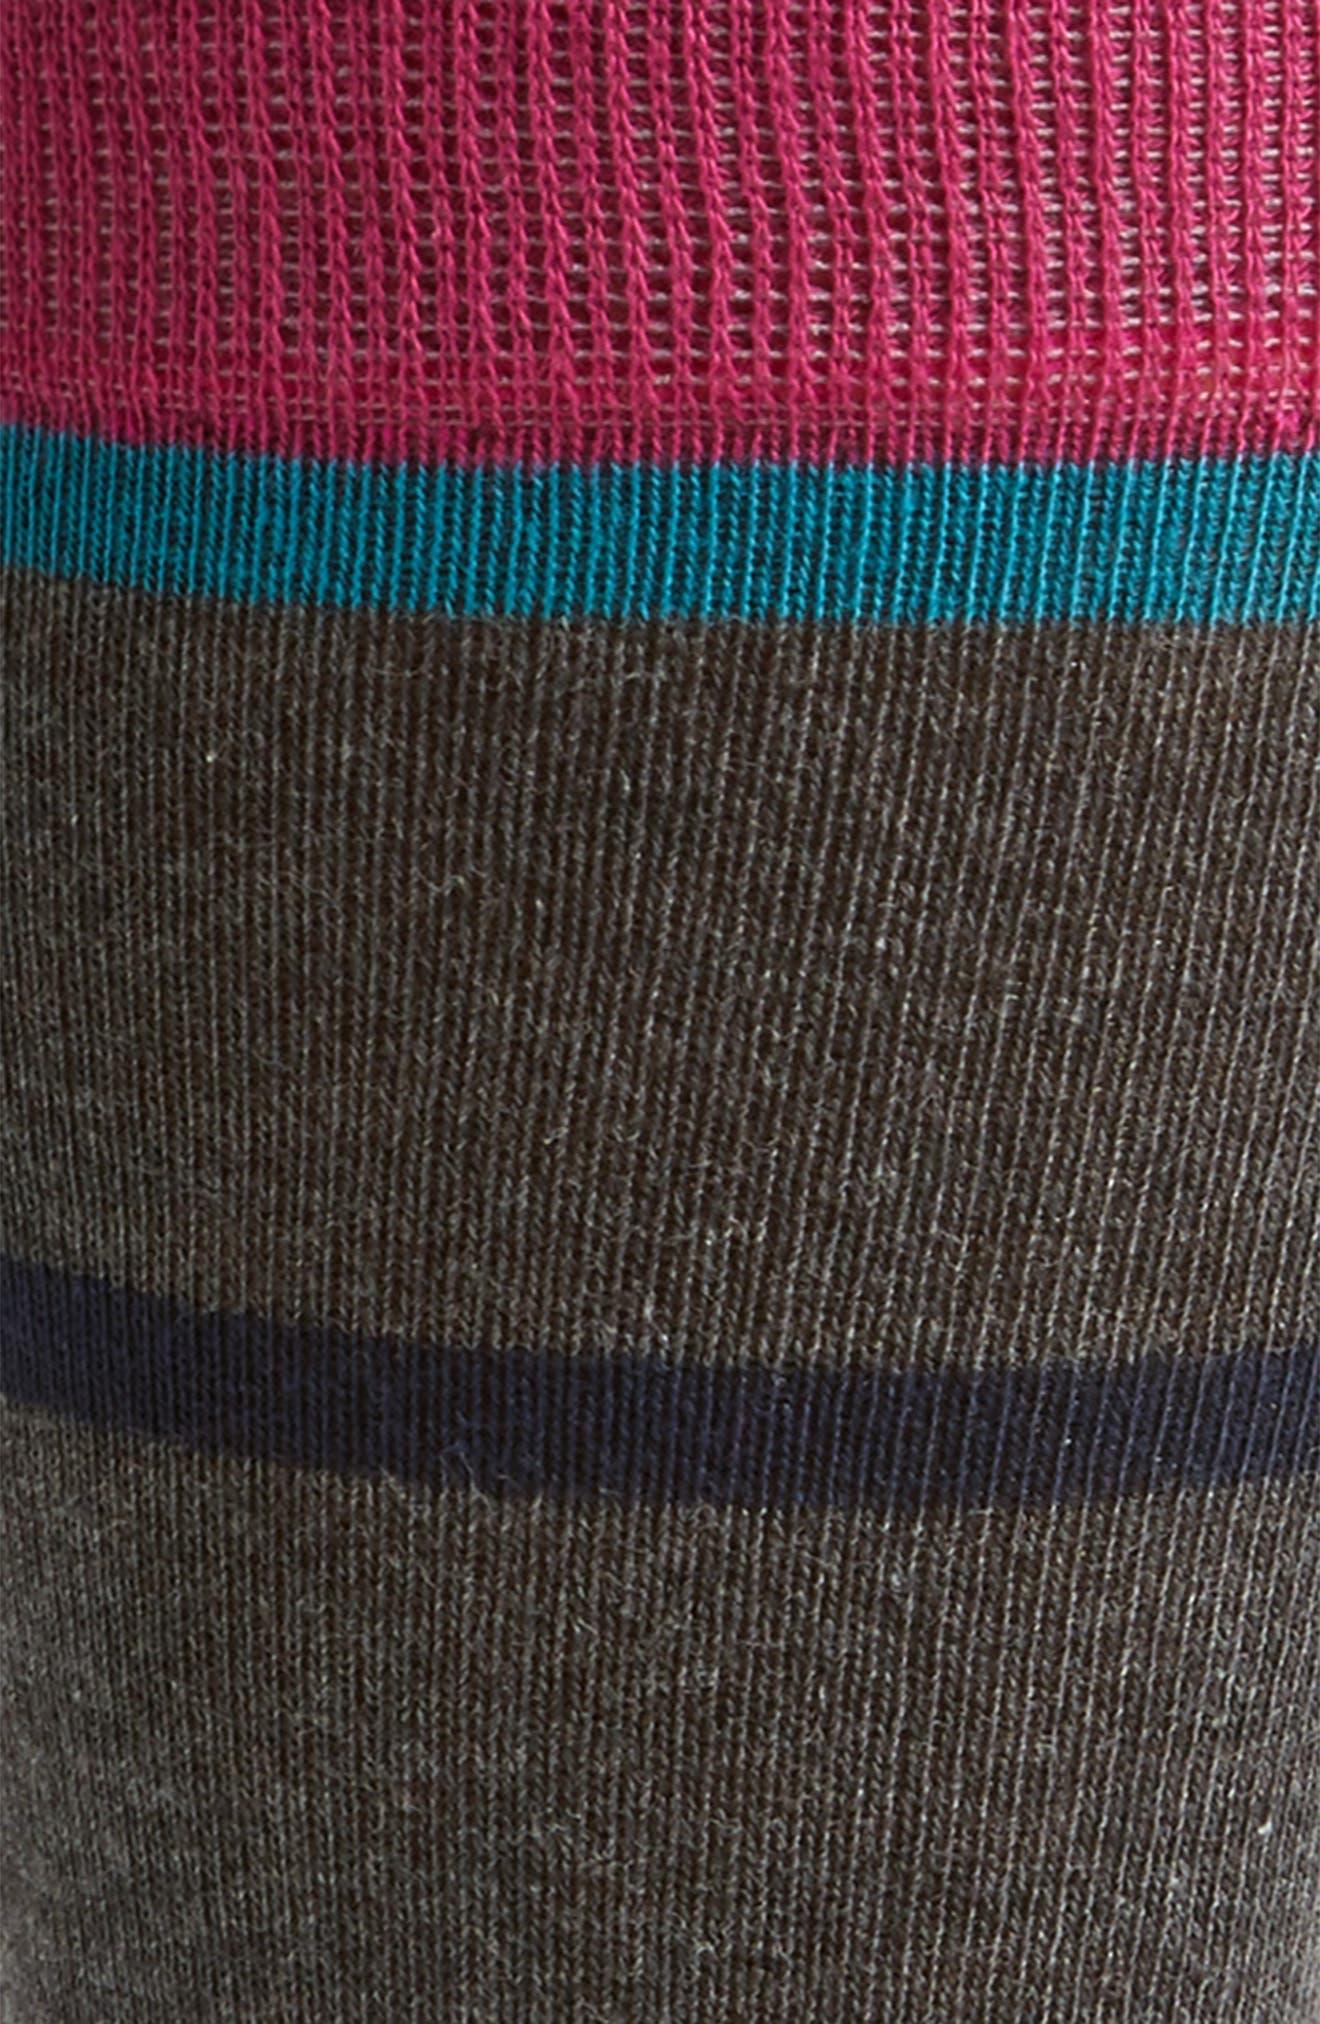 Alternate Image 2  - Ted Baker London Stripe Crew Socks